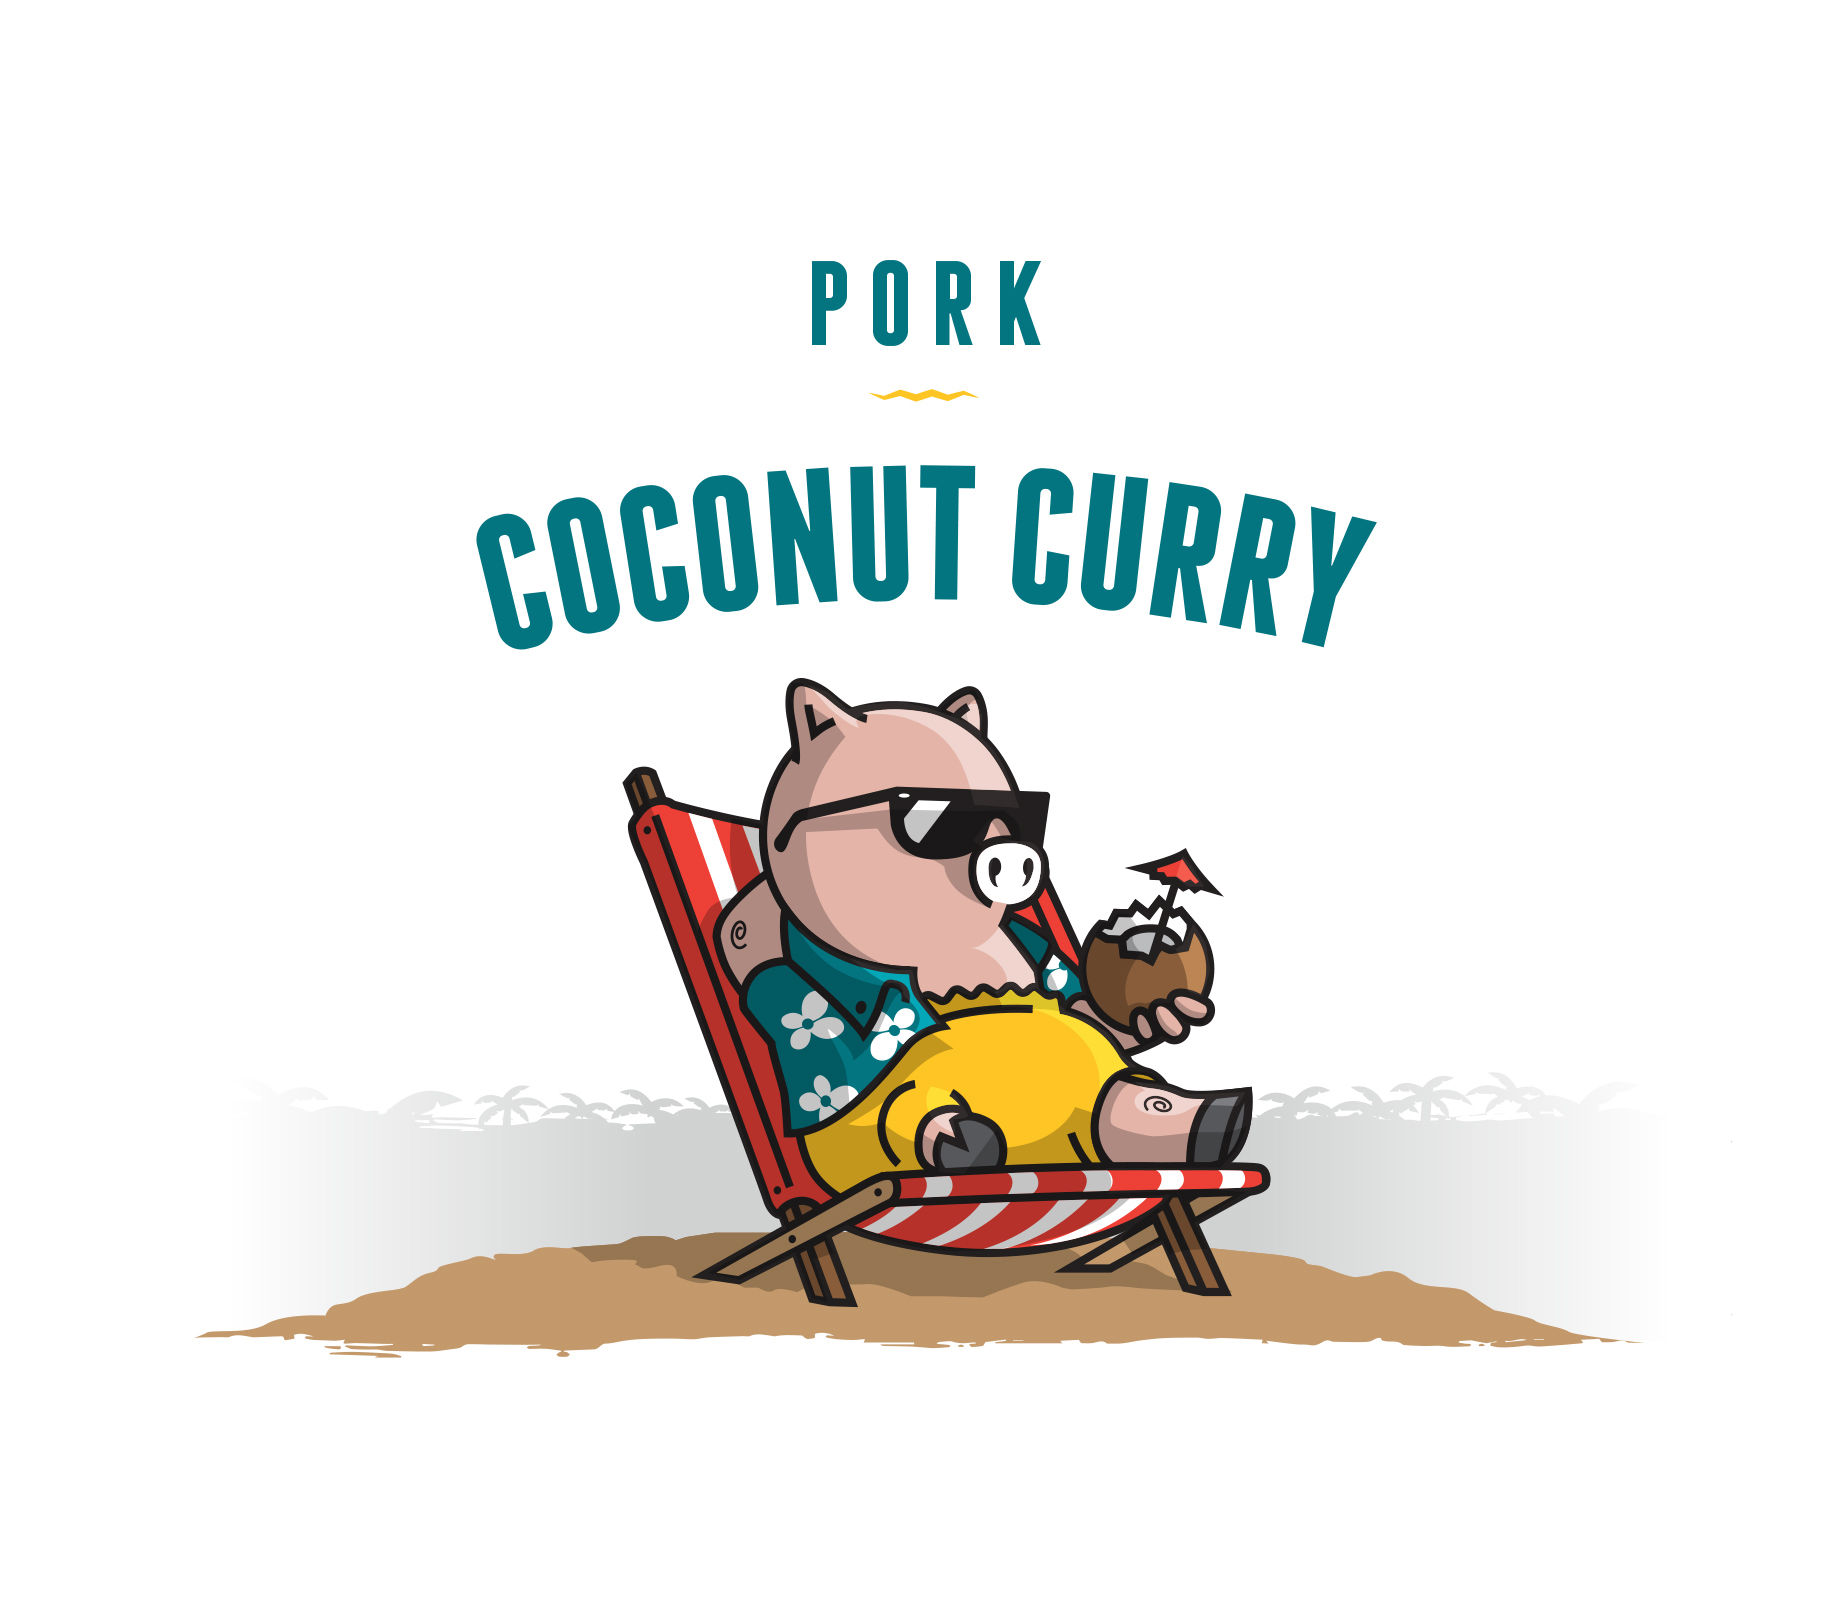 Pork_Coconut_Curry_flavor_1.jpg